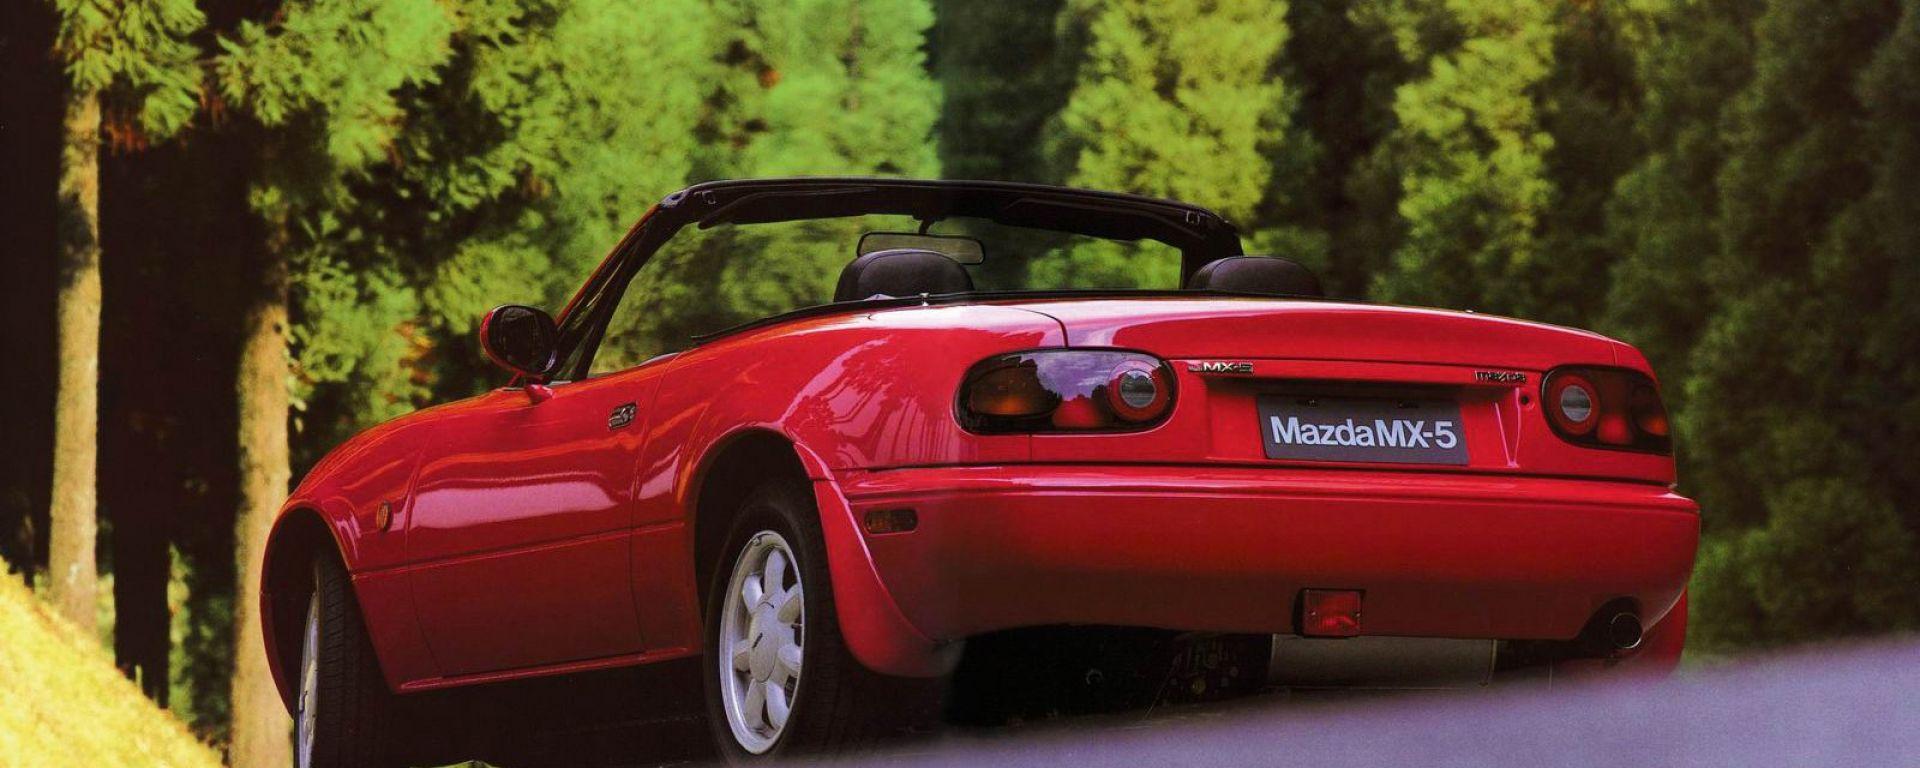 Guidare la Mazda MX-5